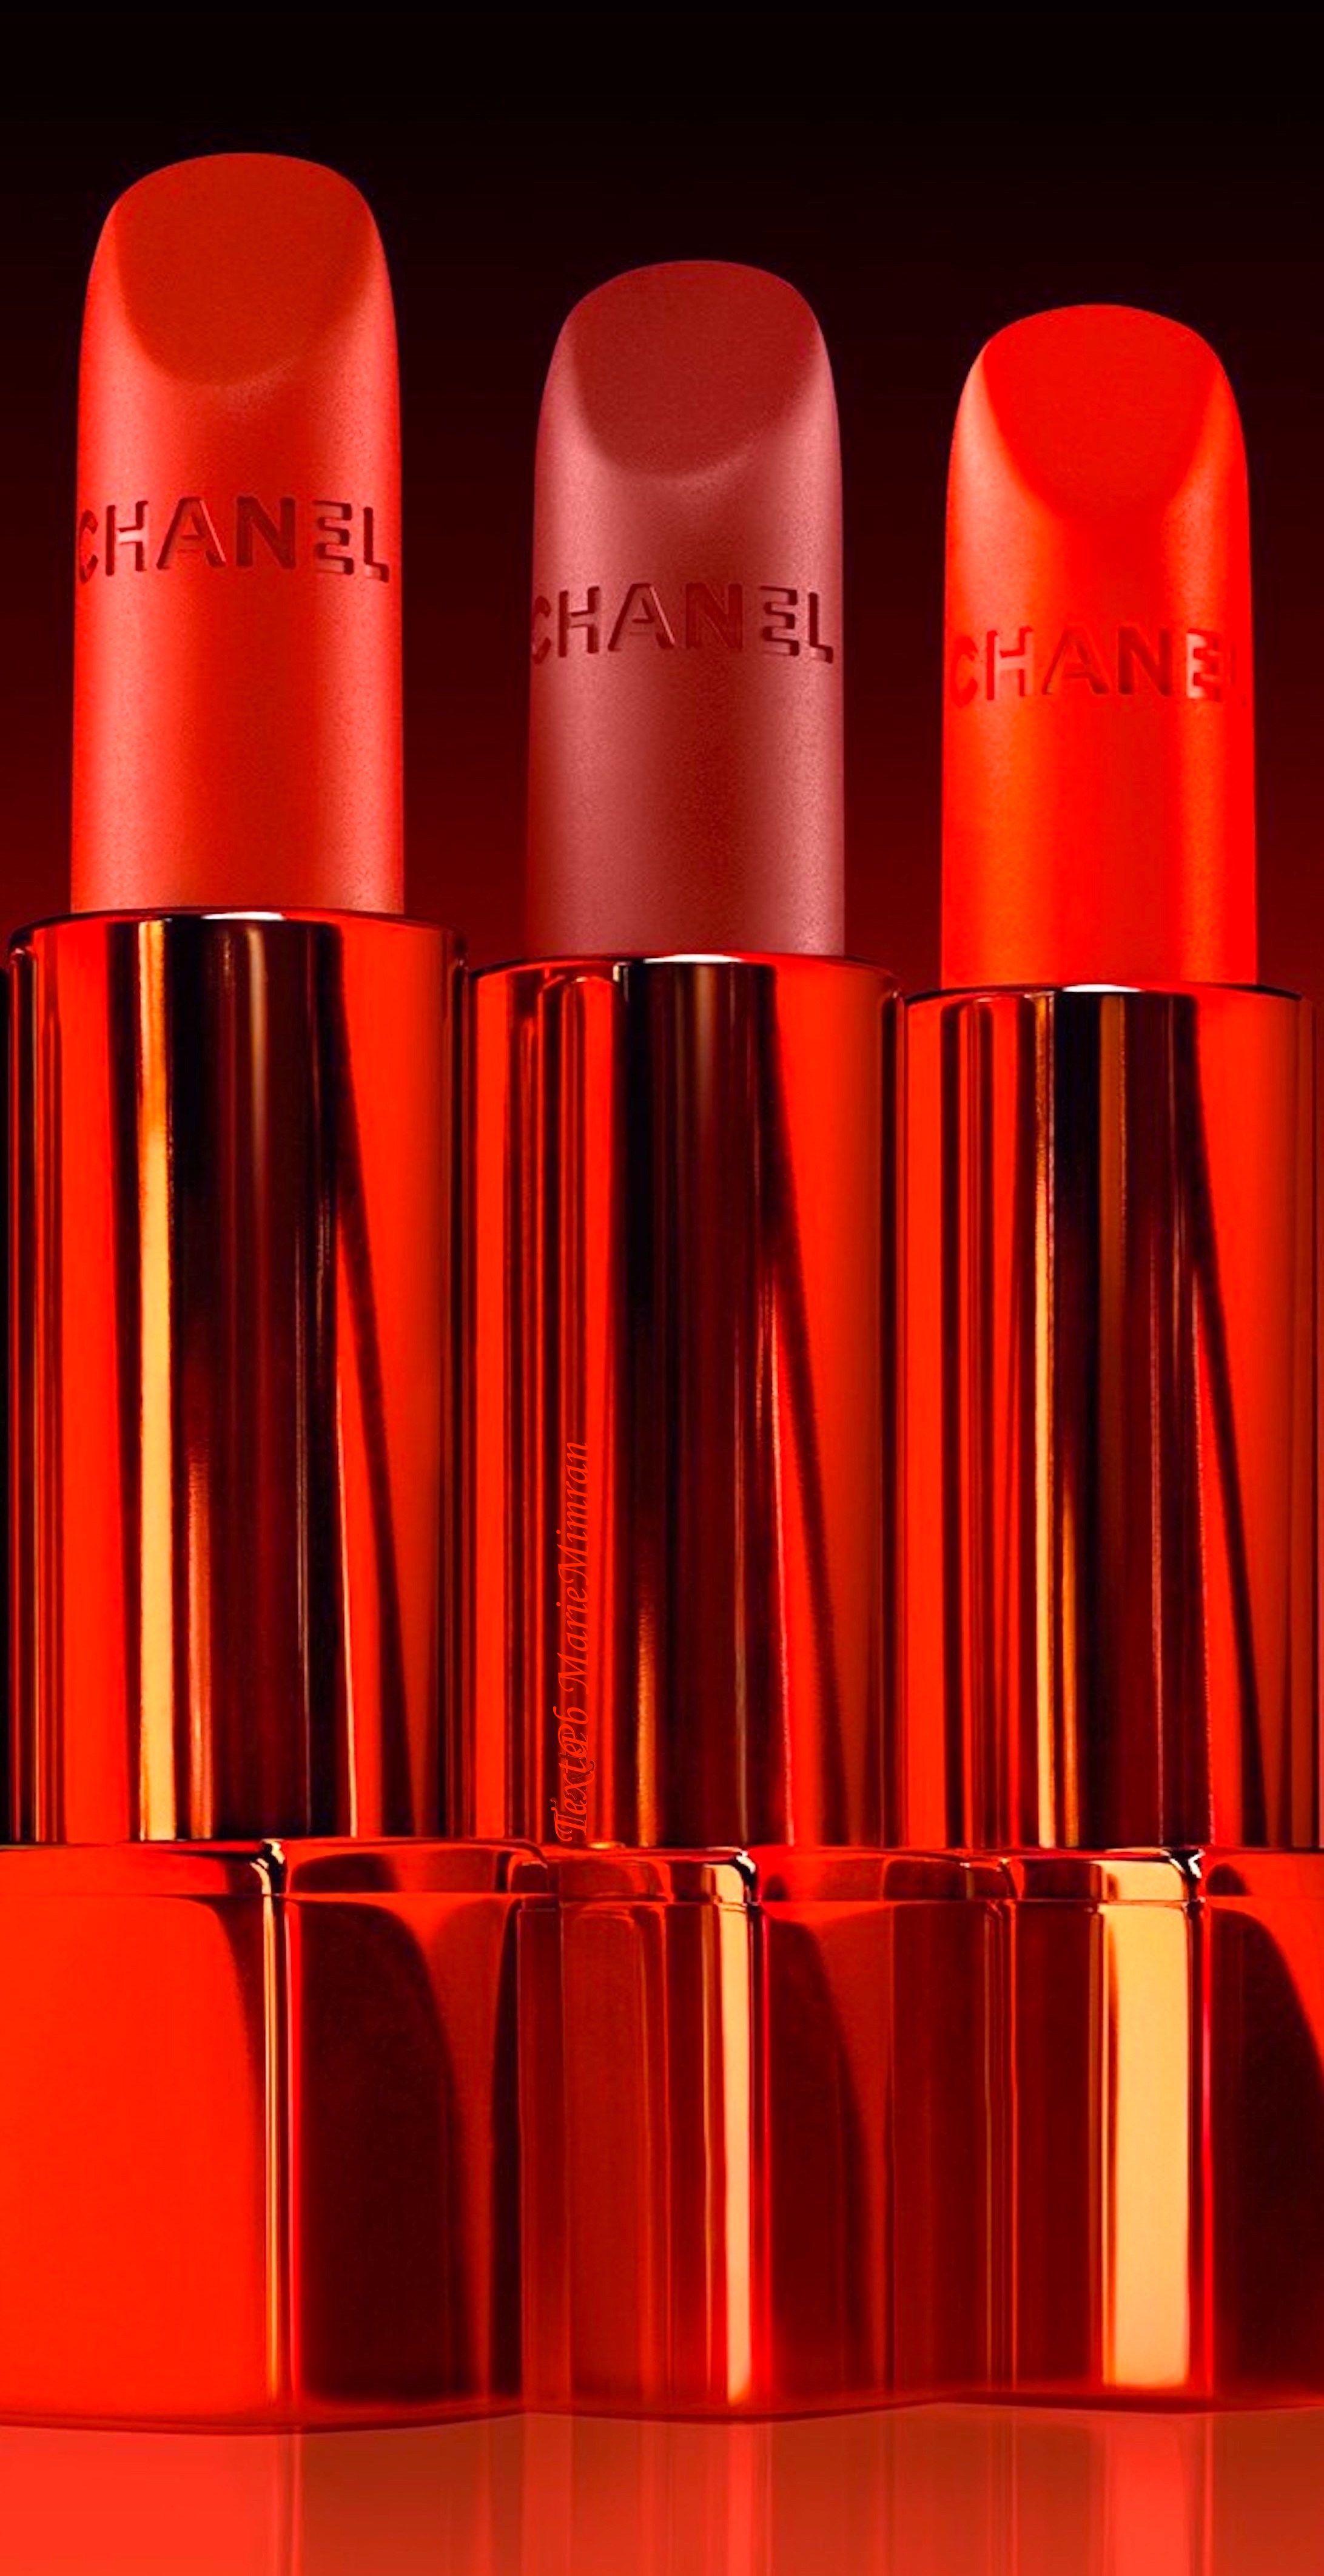 Chanel Marie Mimran Lipstick Giveaway Chanel Lipstick Lipstick Lipgloss